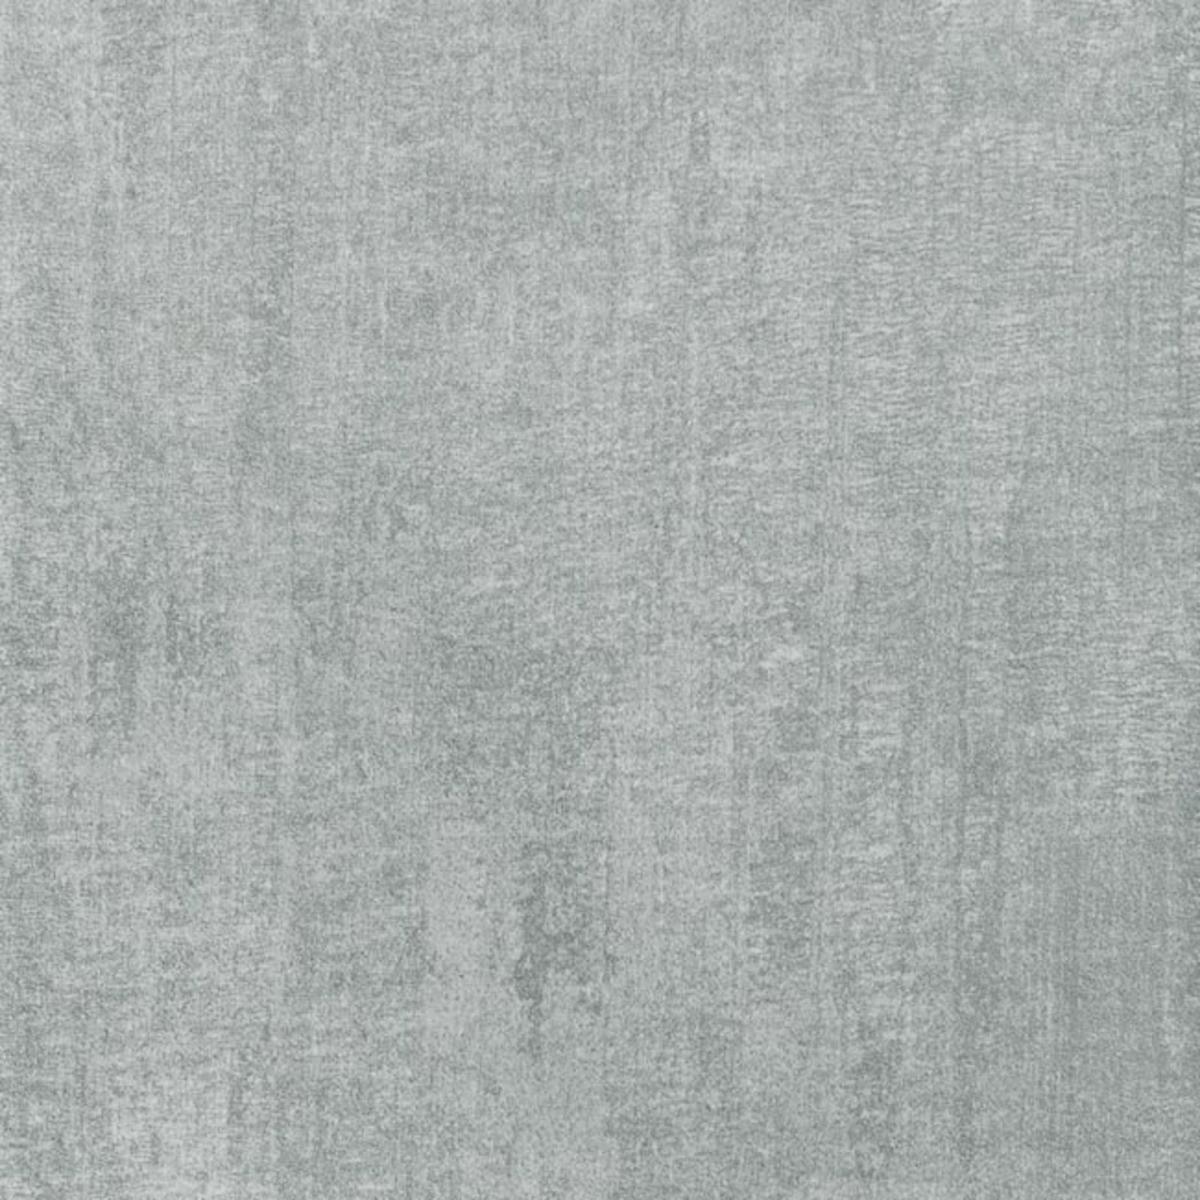 Dlažba Multi Tahiti svetlo šedá 33x33 cm mat DAA3B513.1